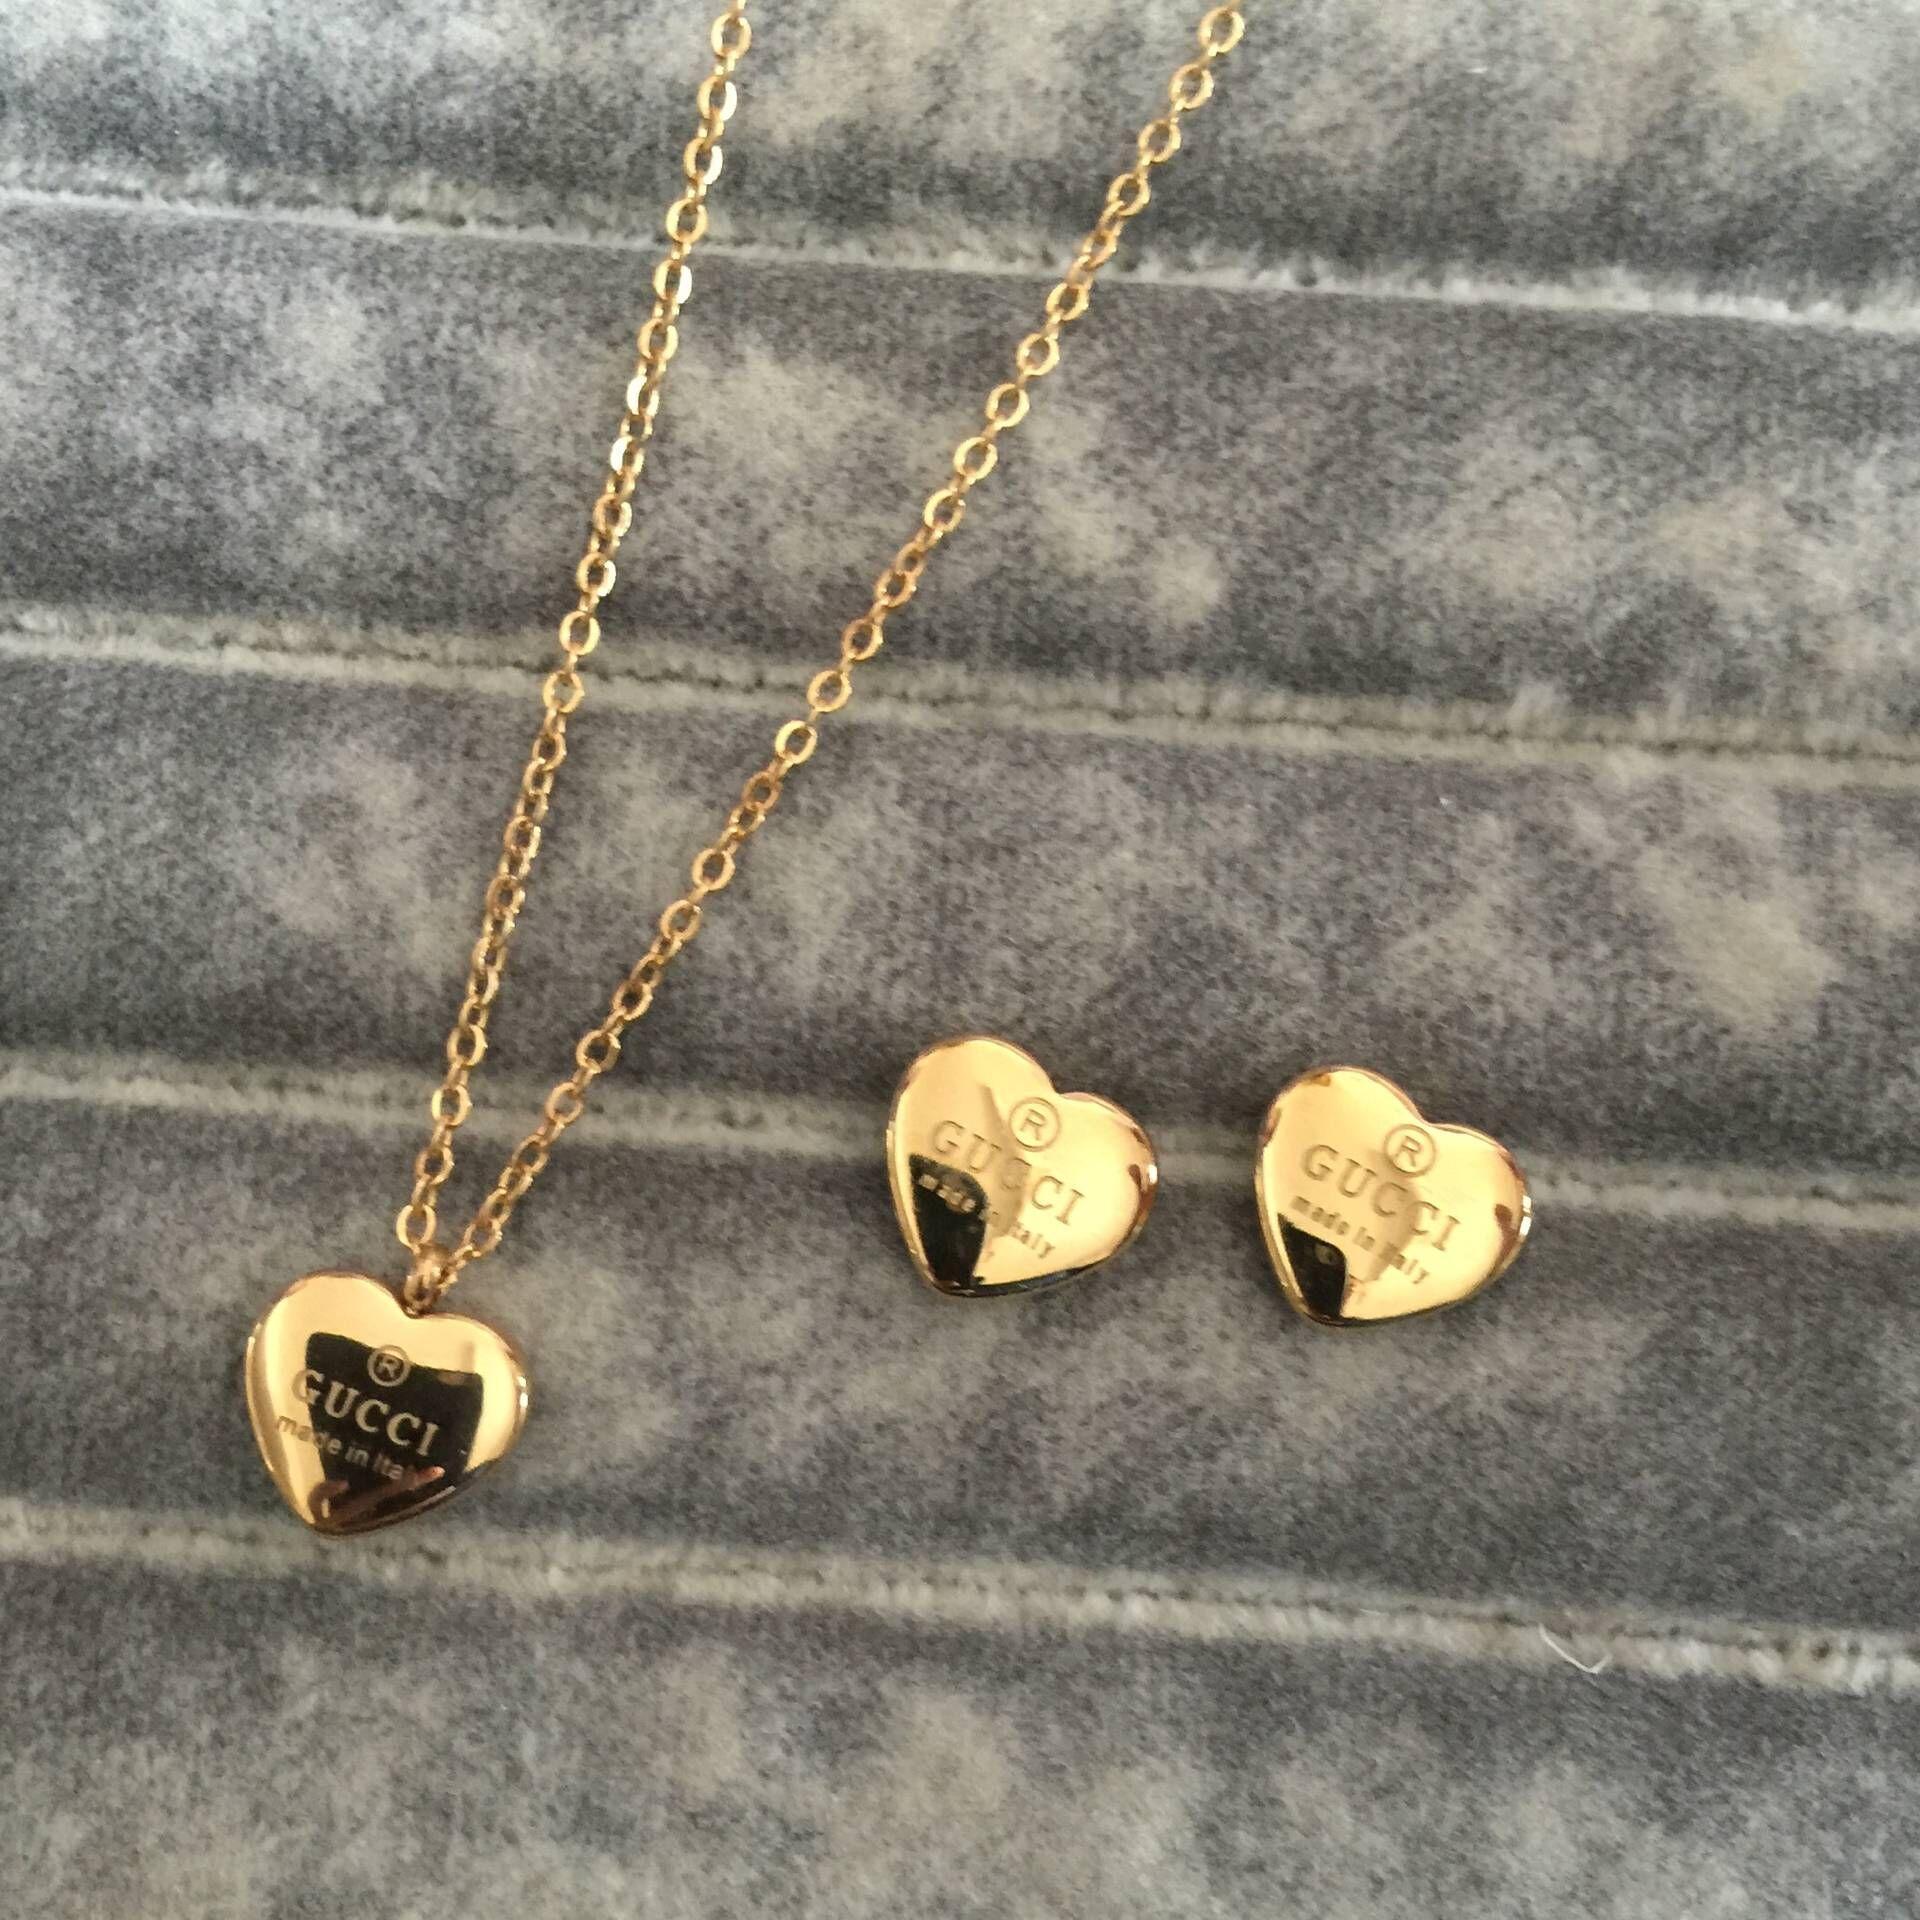 18K золото выросли серебряные девушки женщин письмо сердца цветок любовь комплекты ювелирных изделий серьги ожерелье письмо кулон Оптовая Рождественский подарок